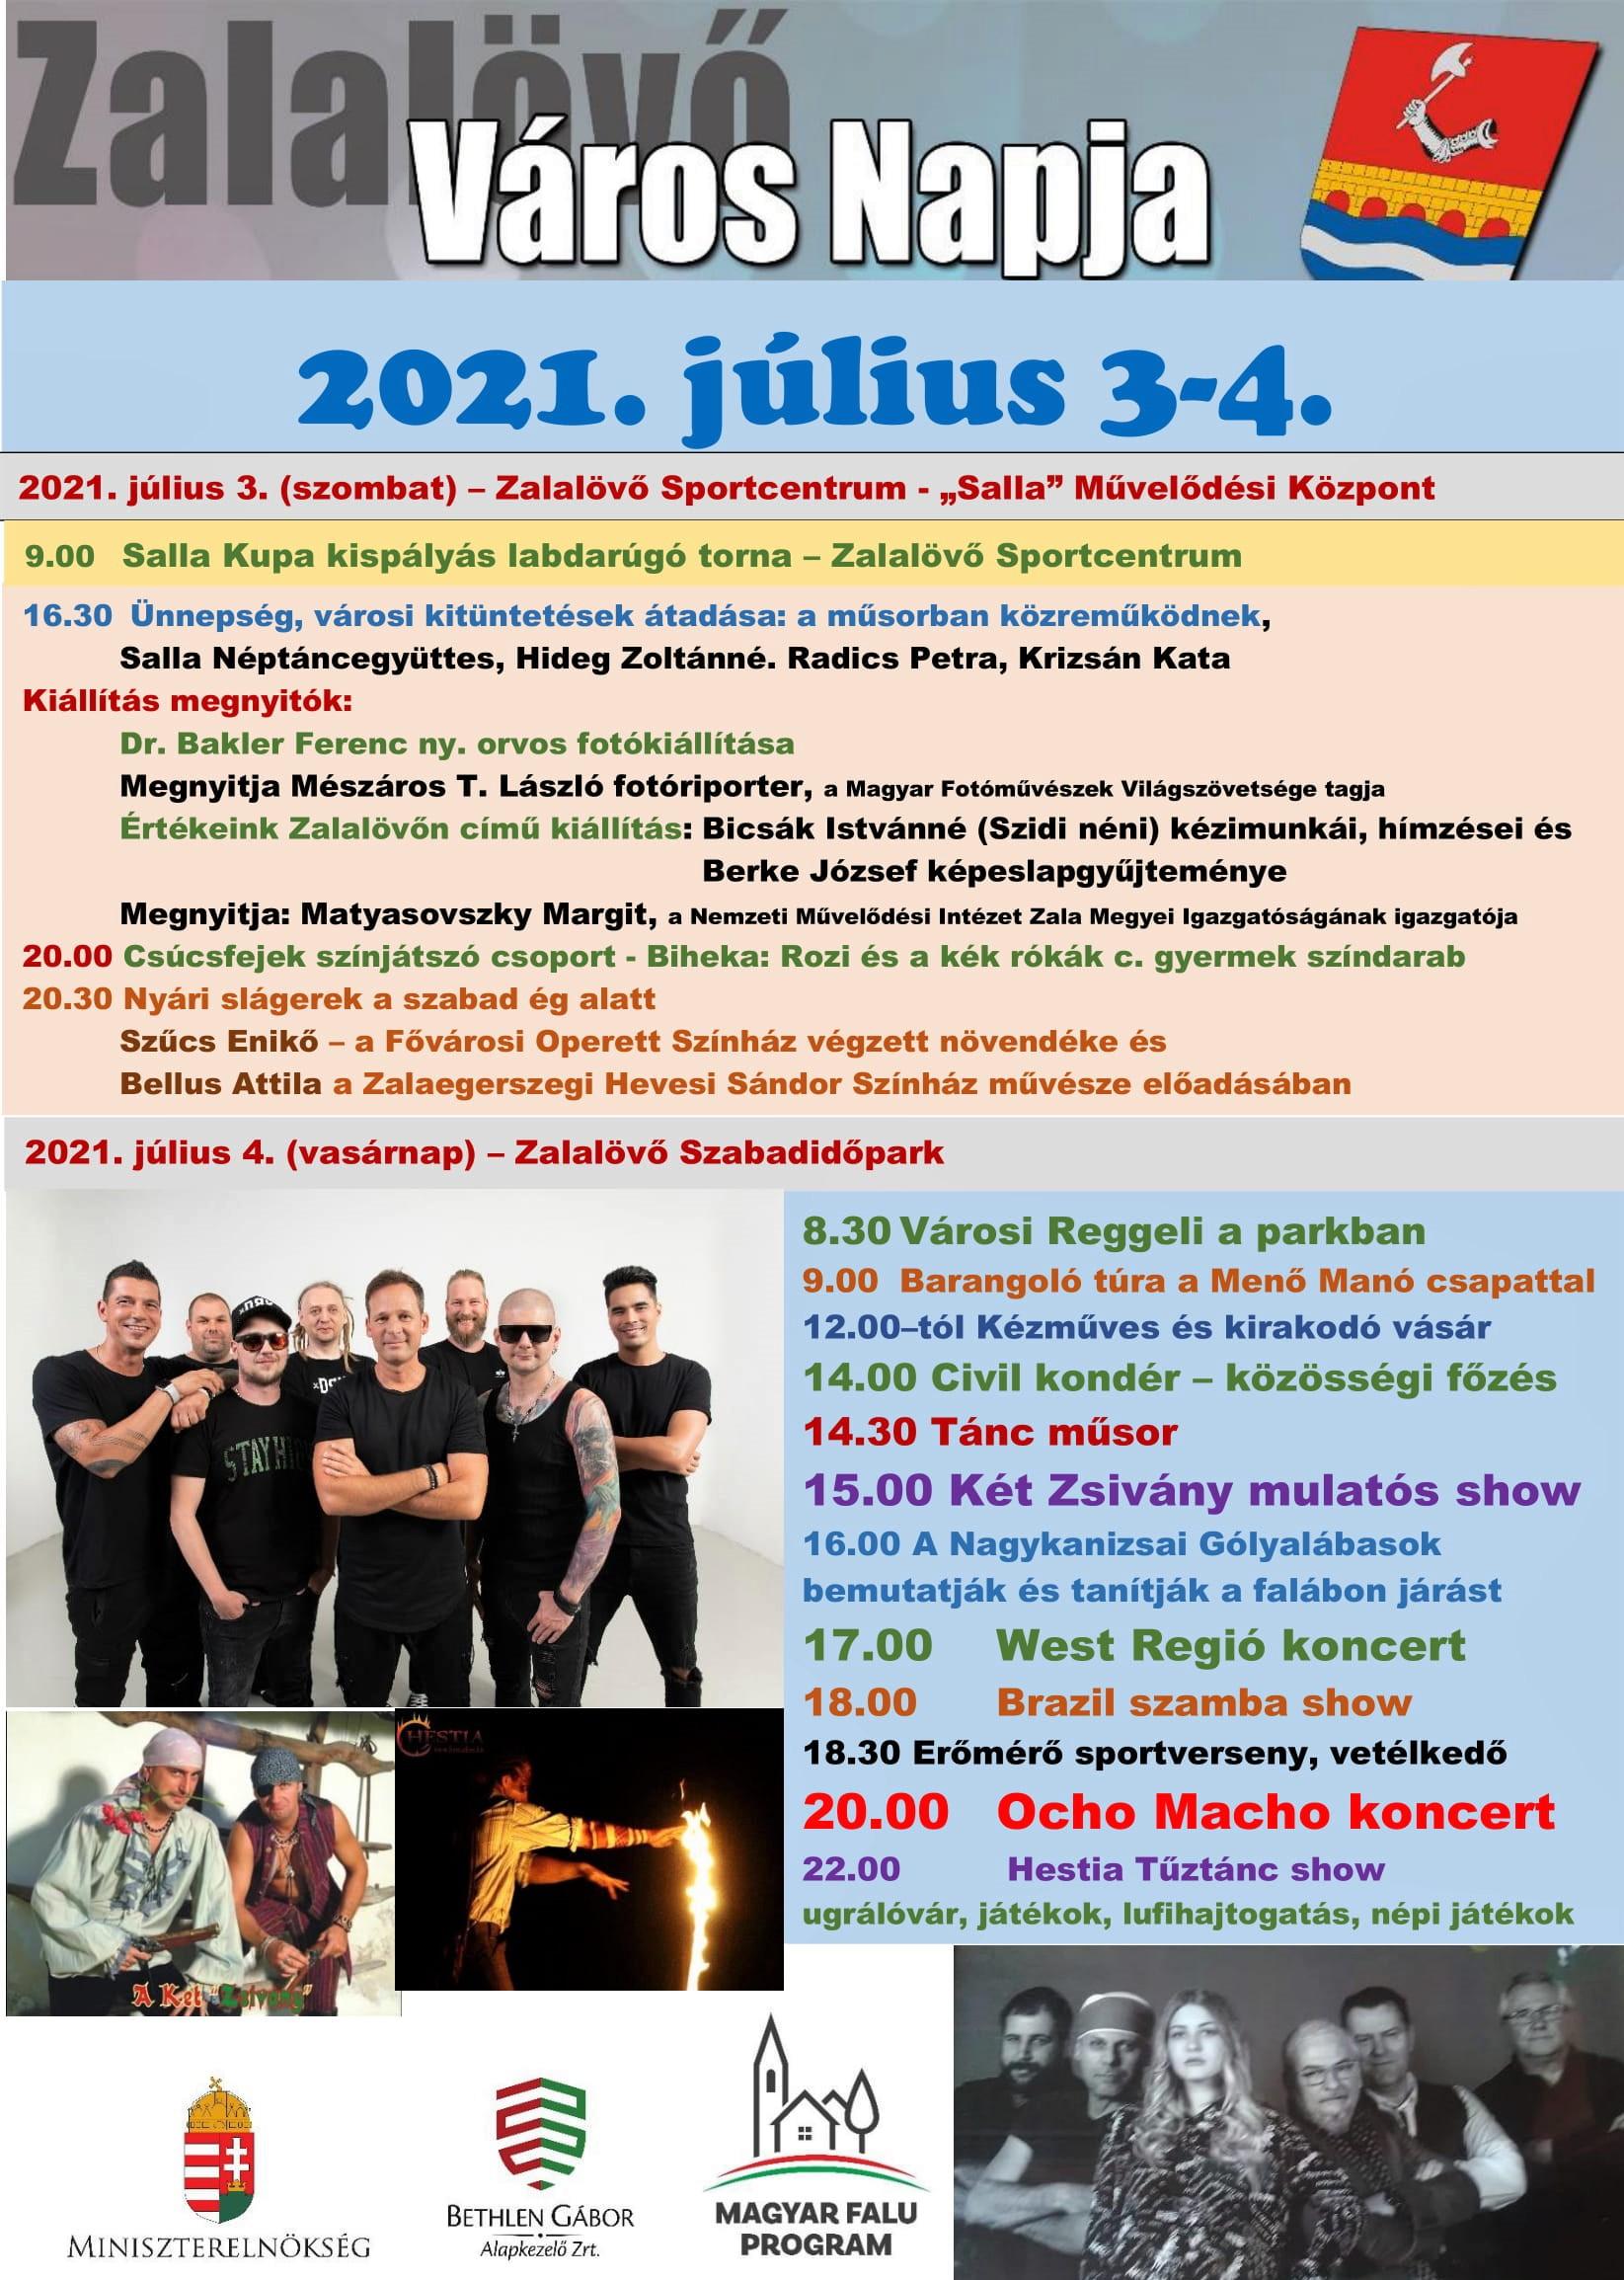 Város Napja 2021. július 3-4